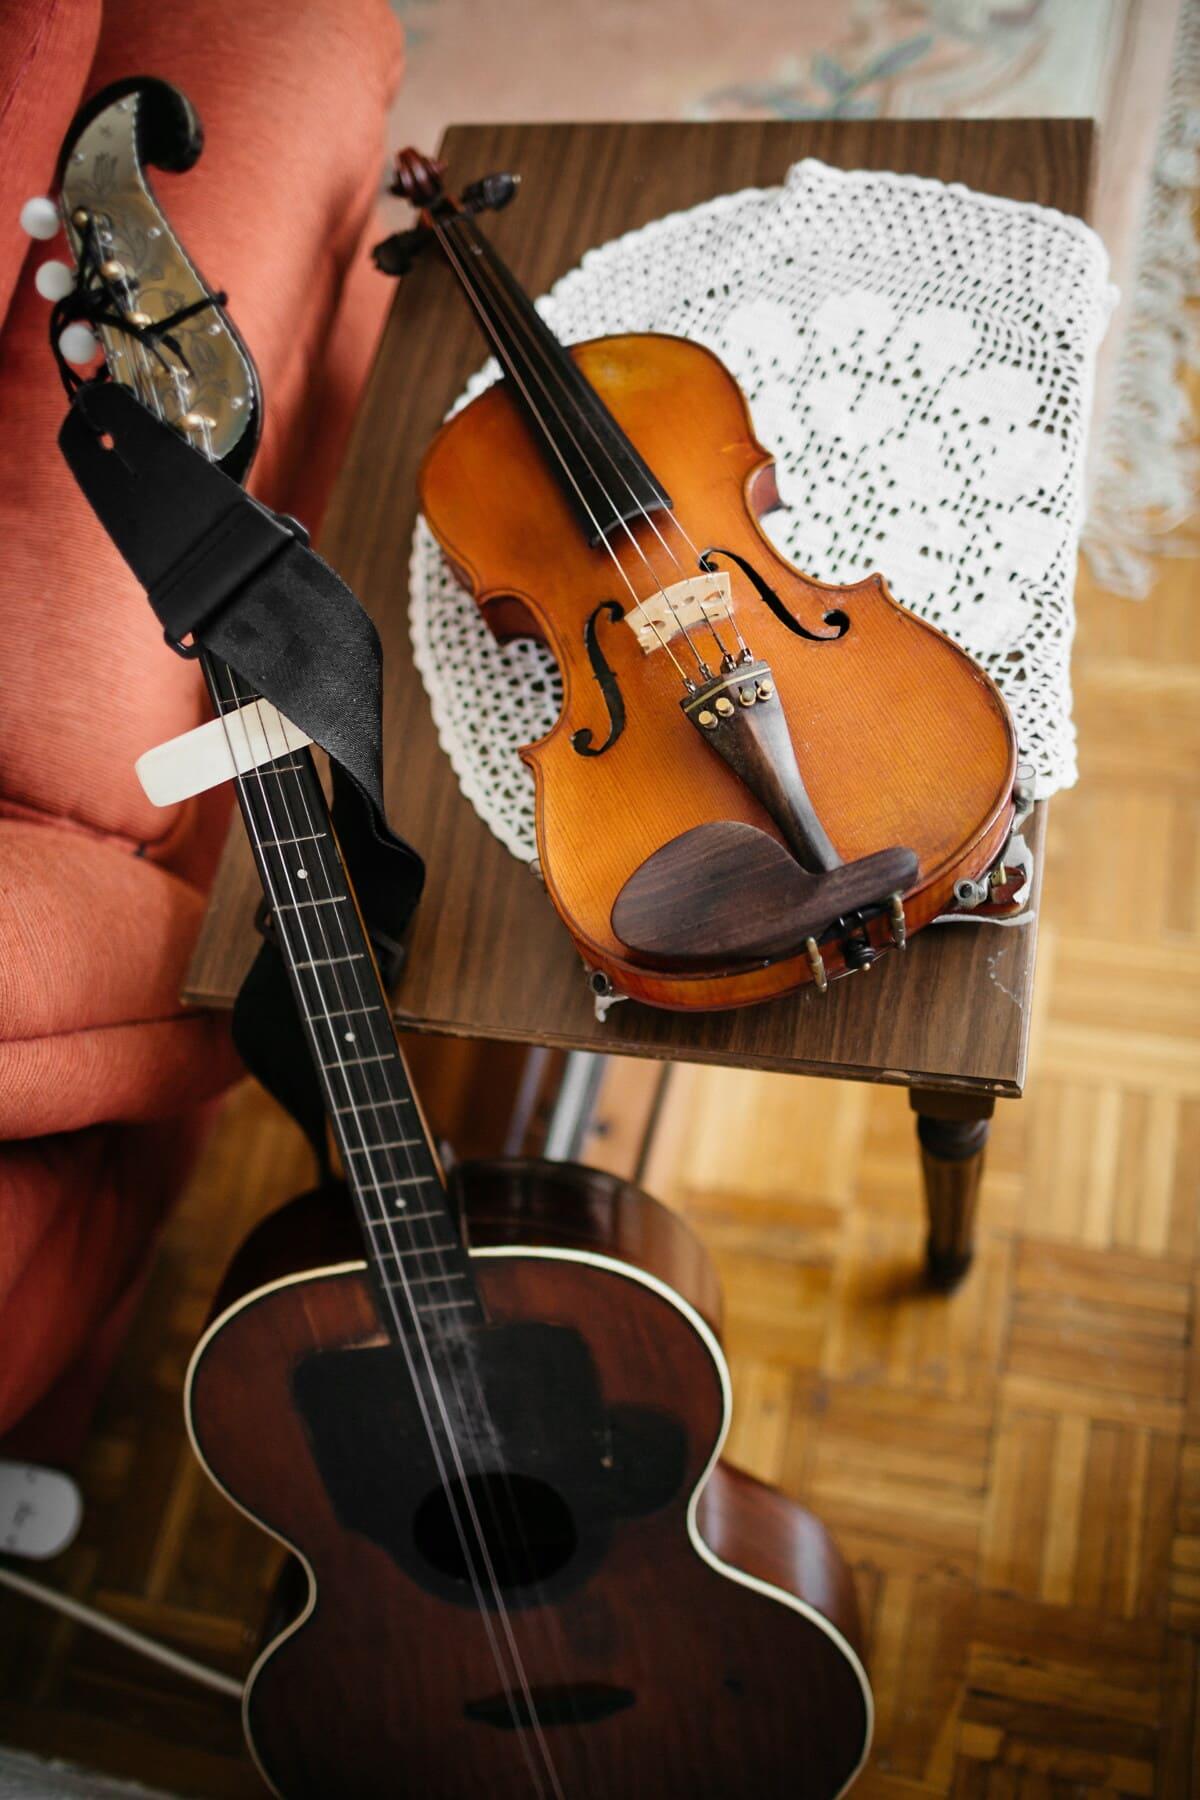 violon, analogiques, guitare, instrument, nature morte, musique, classique, mélodie, musical, bois